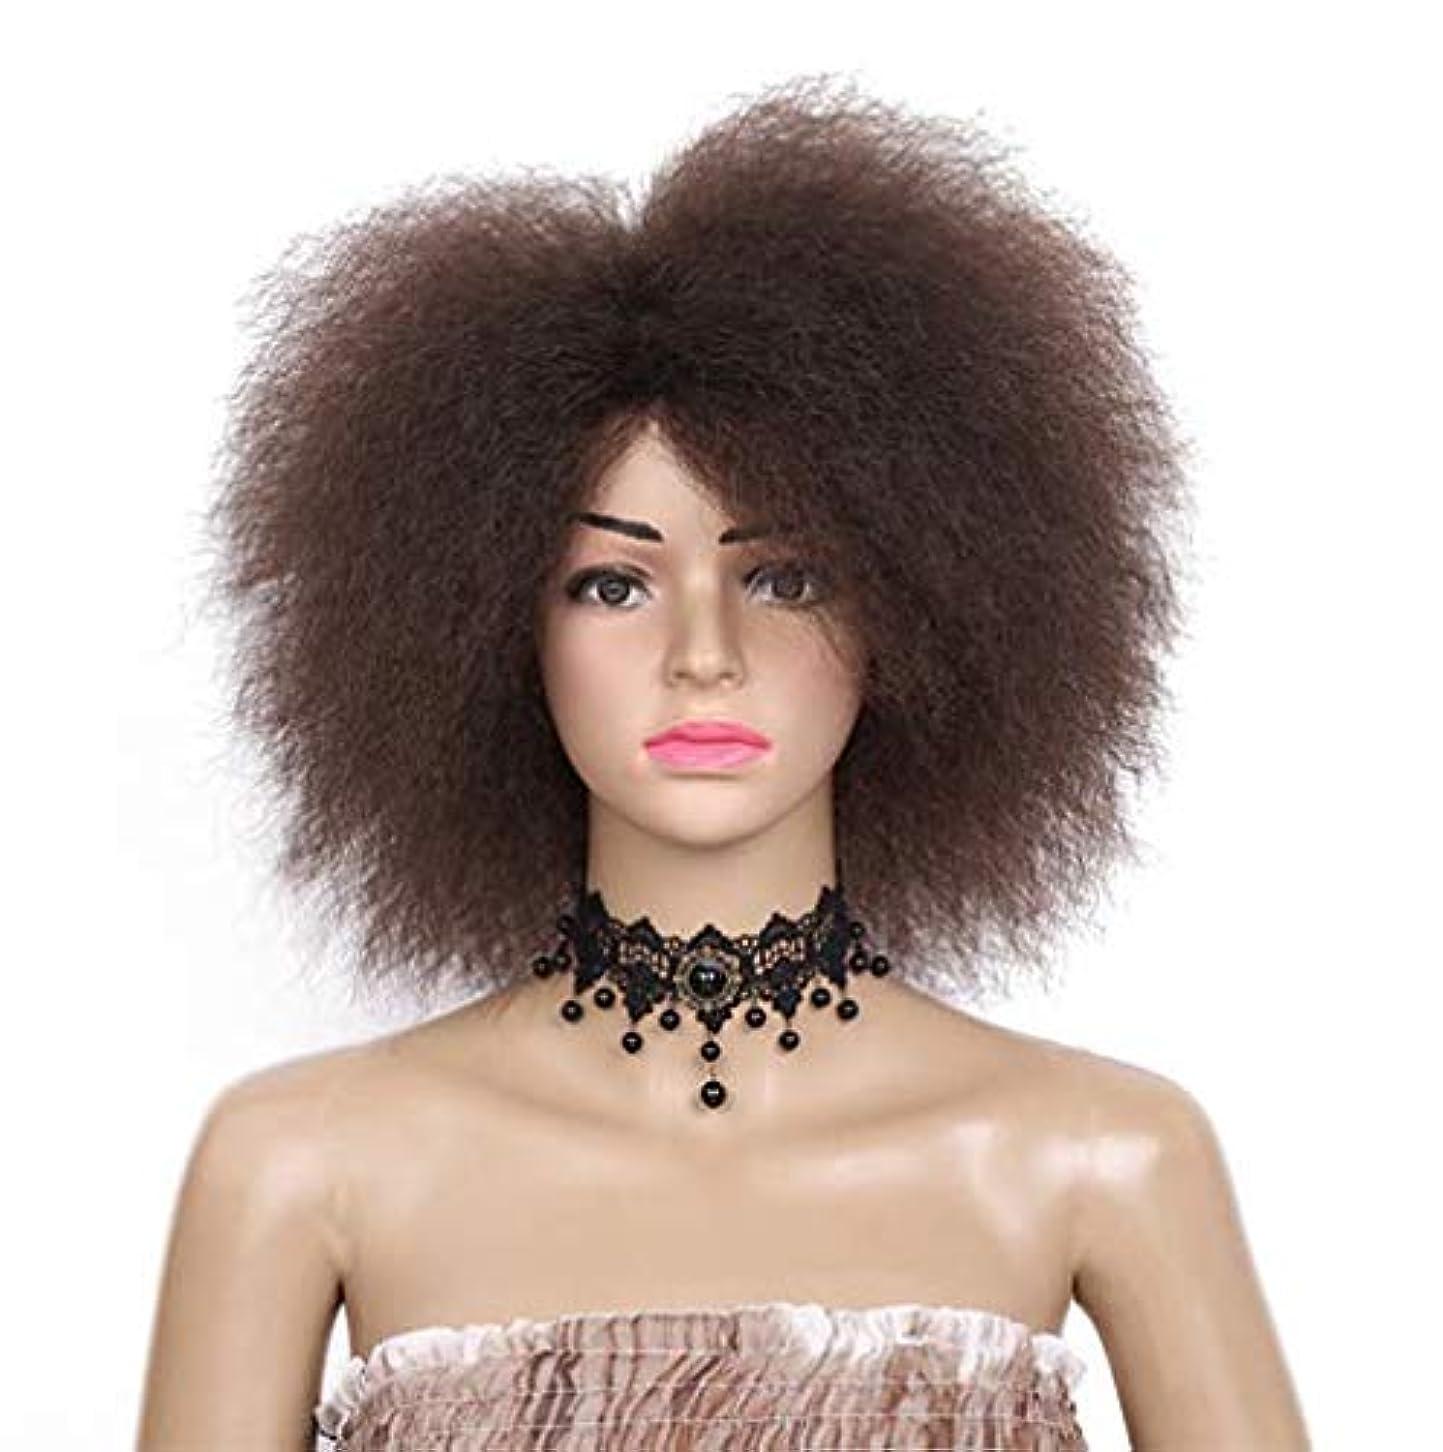 投資する所有権想定するウィッグの女性の短い髪のふわふわの縮緬合成ハロウィーンロールプレイングパーティdayliy中型かつらを使用して